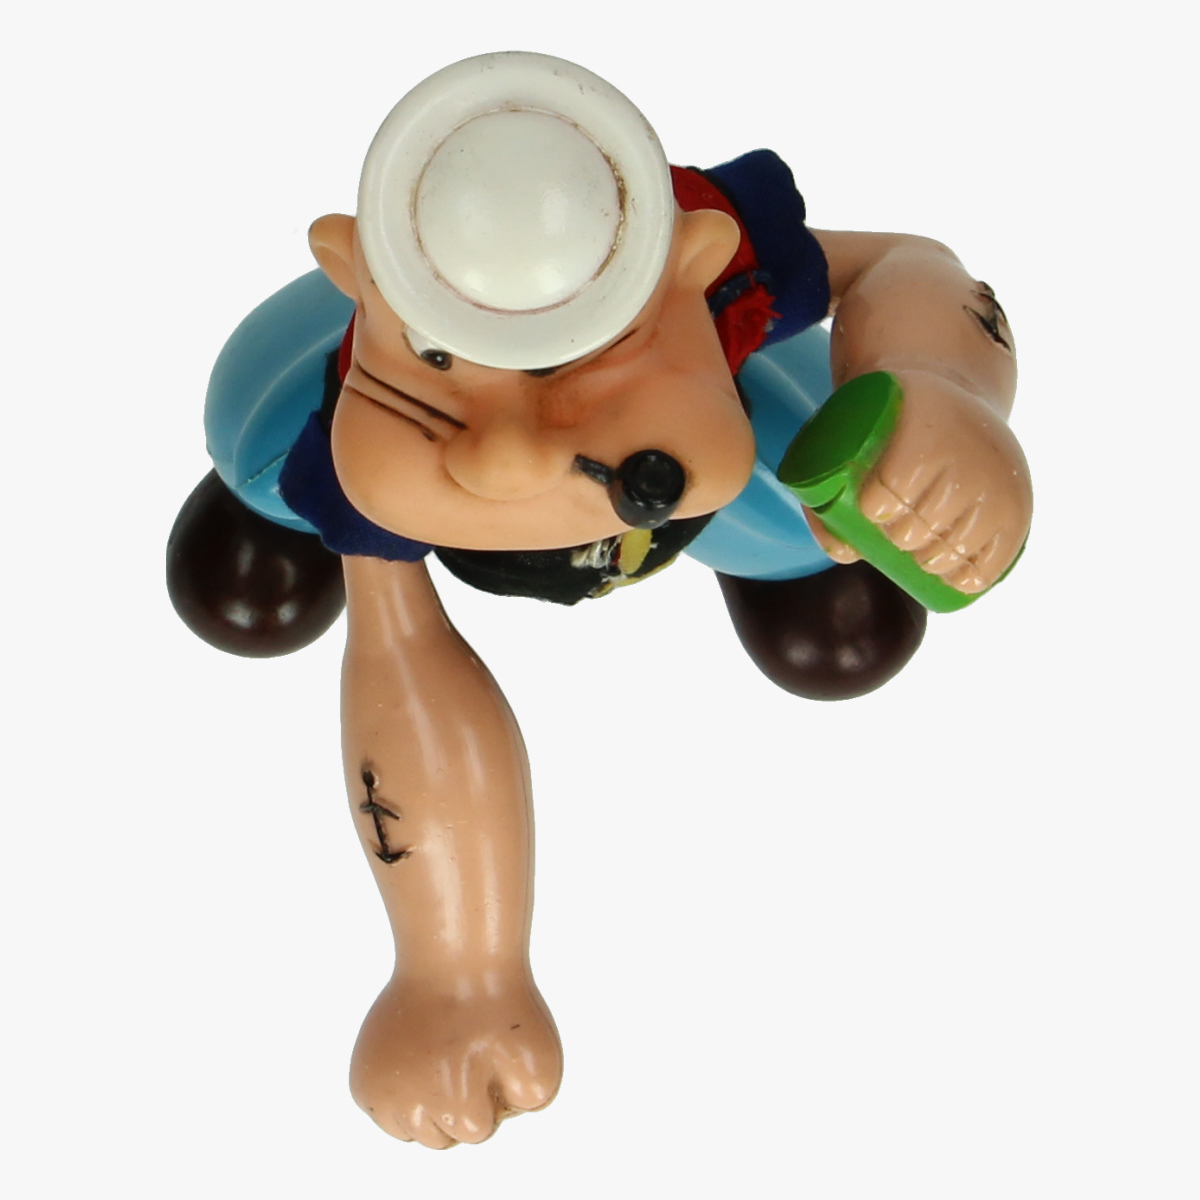 Afbeeldingen van Popeye King Features